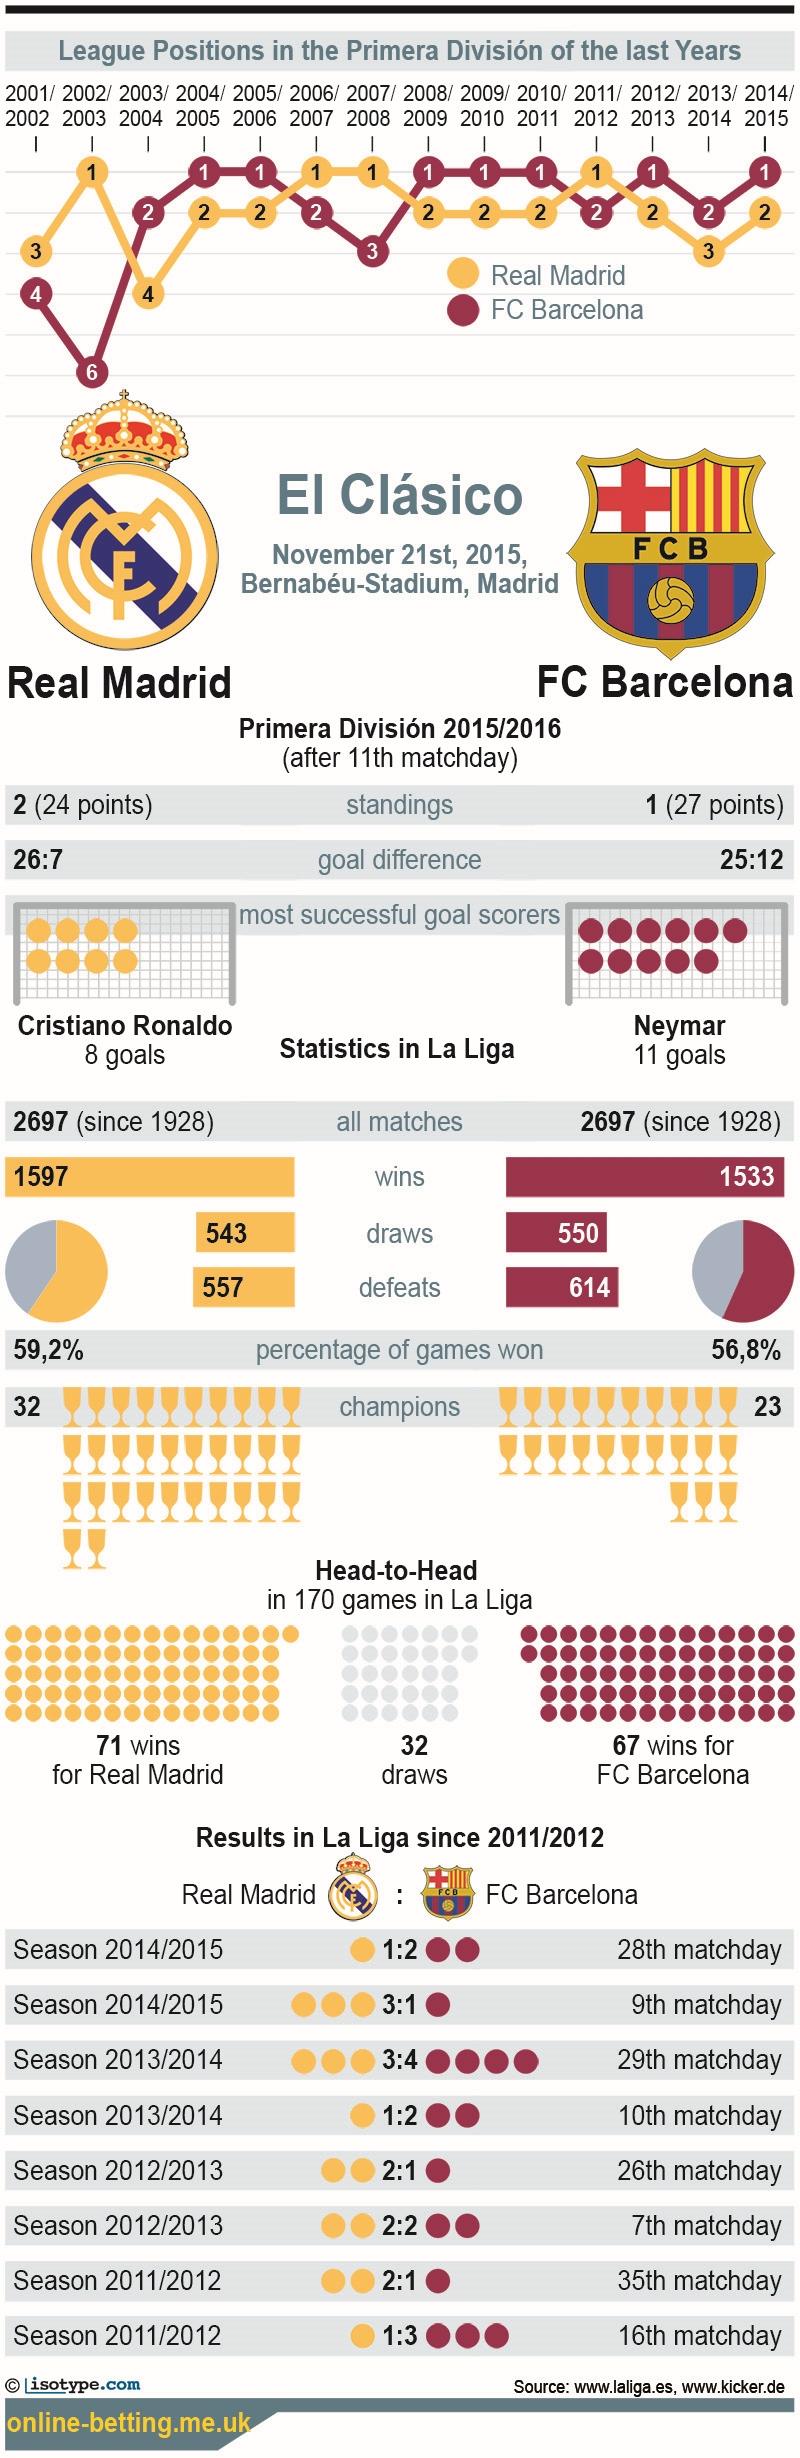 El Clasico 2015 Infographic